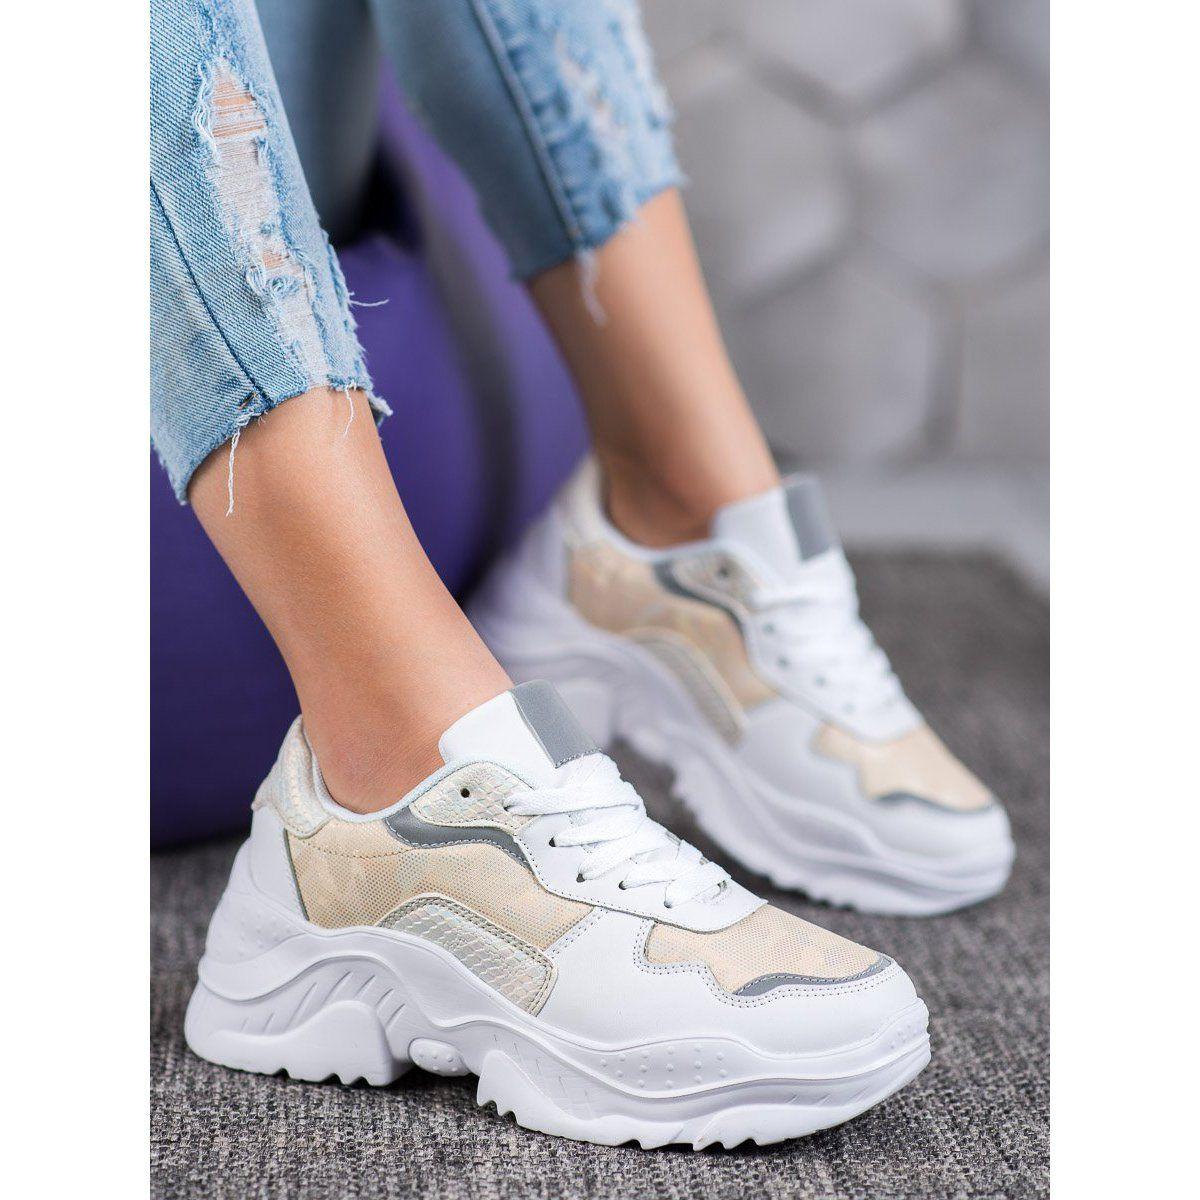 Shelovet Lekkie Sneakersy Biale Sneakers Nike Air Max Sneakers Fashion